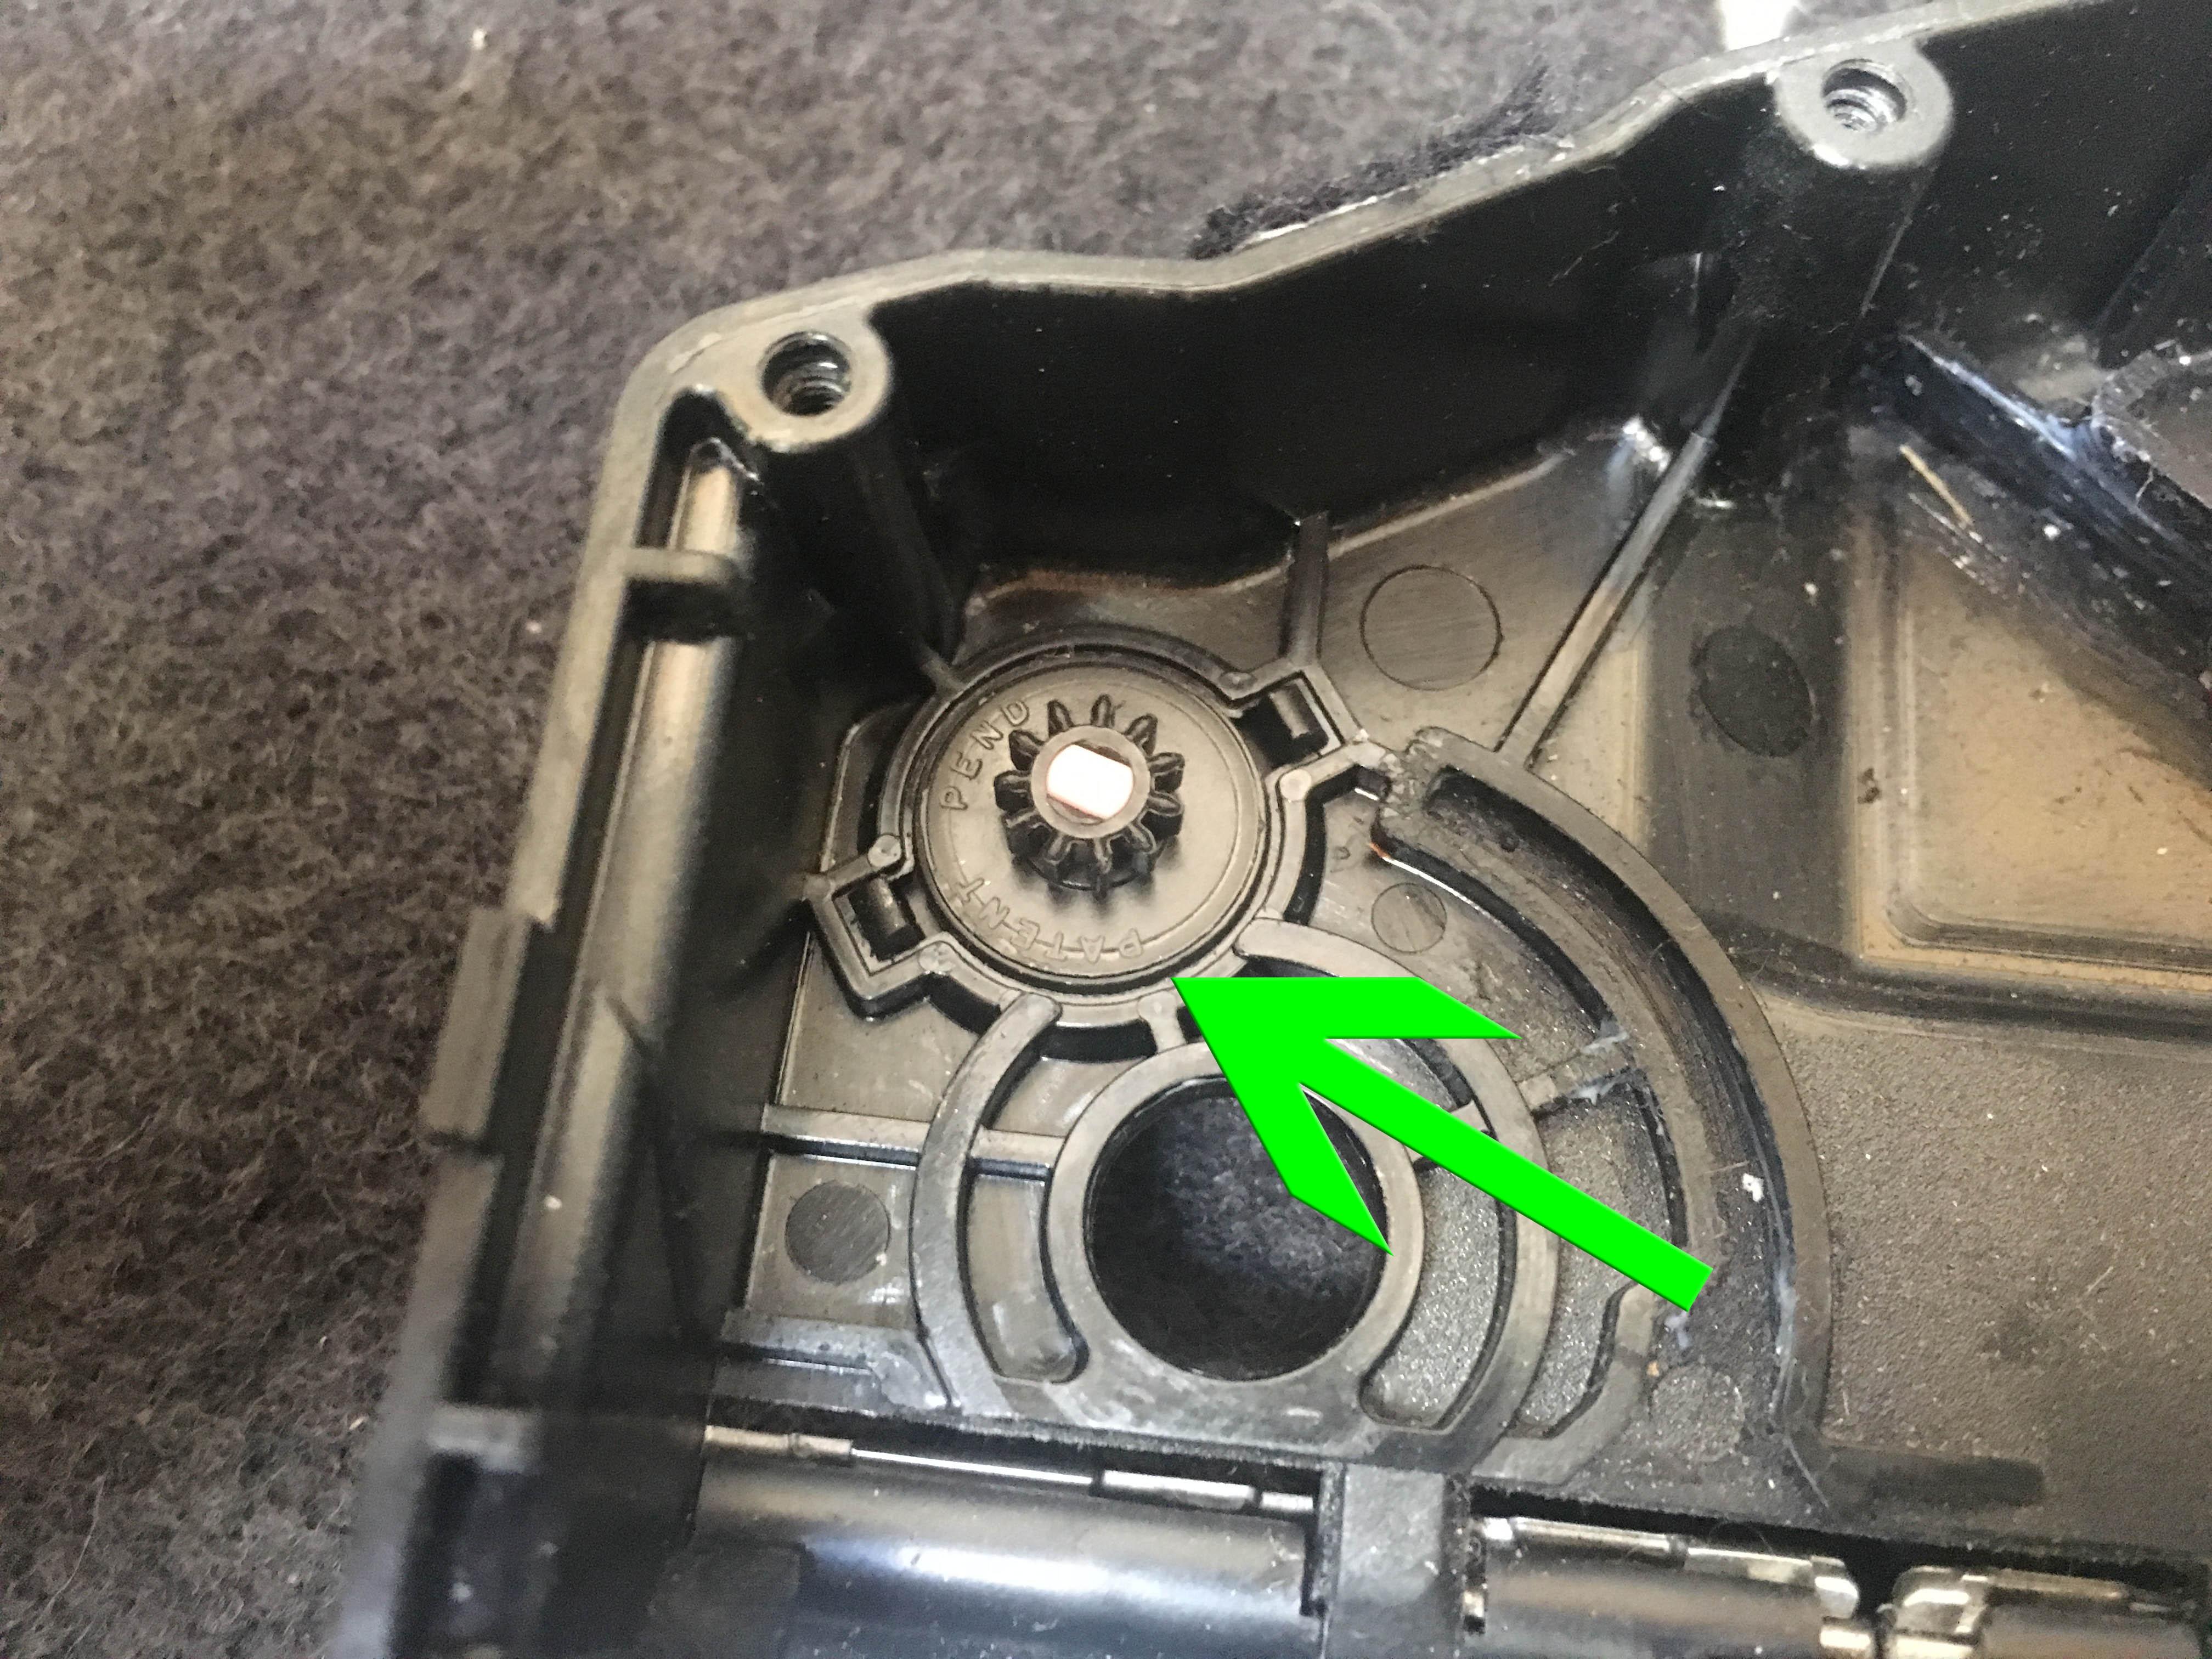 porsche 911 cup holder repair